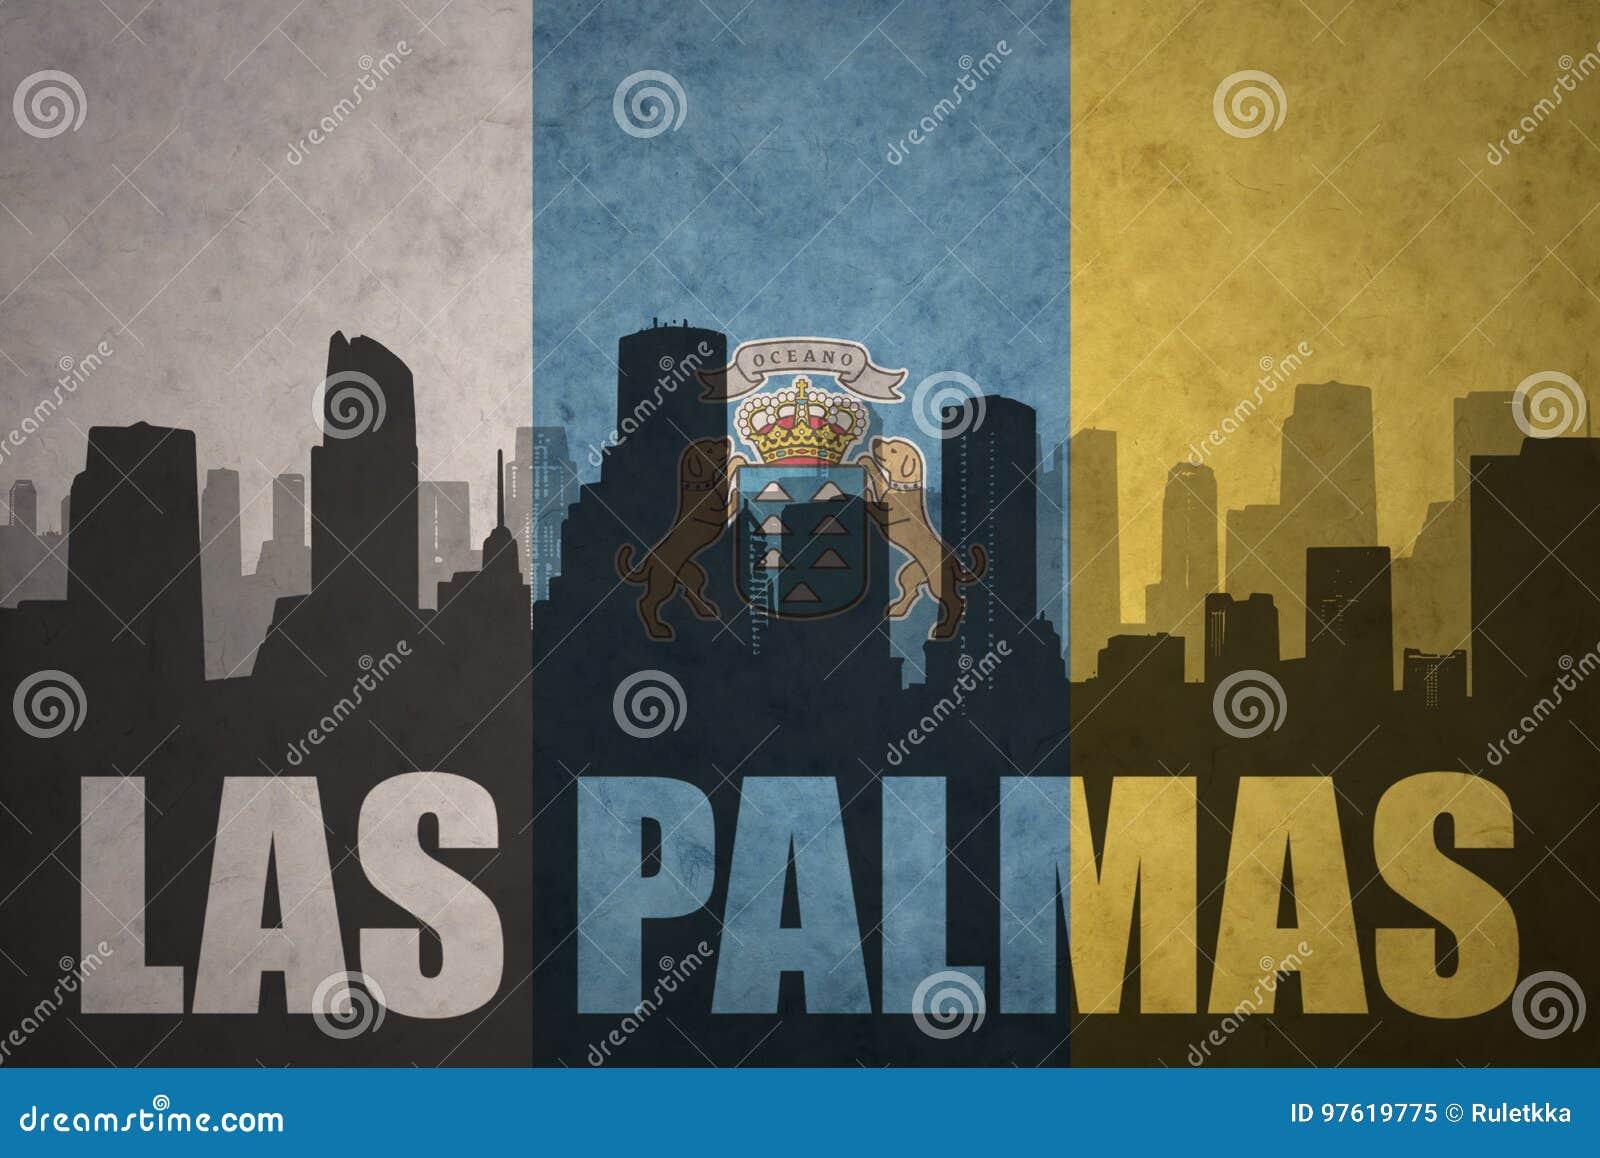 Het abstracte silhouet van de stad met tekstlas palmas bij de uitstekende Canarische Eilanden markeert